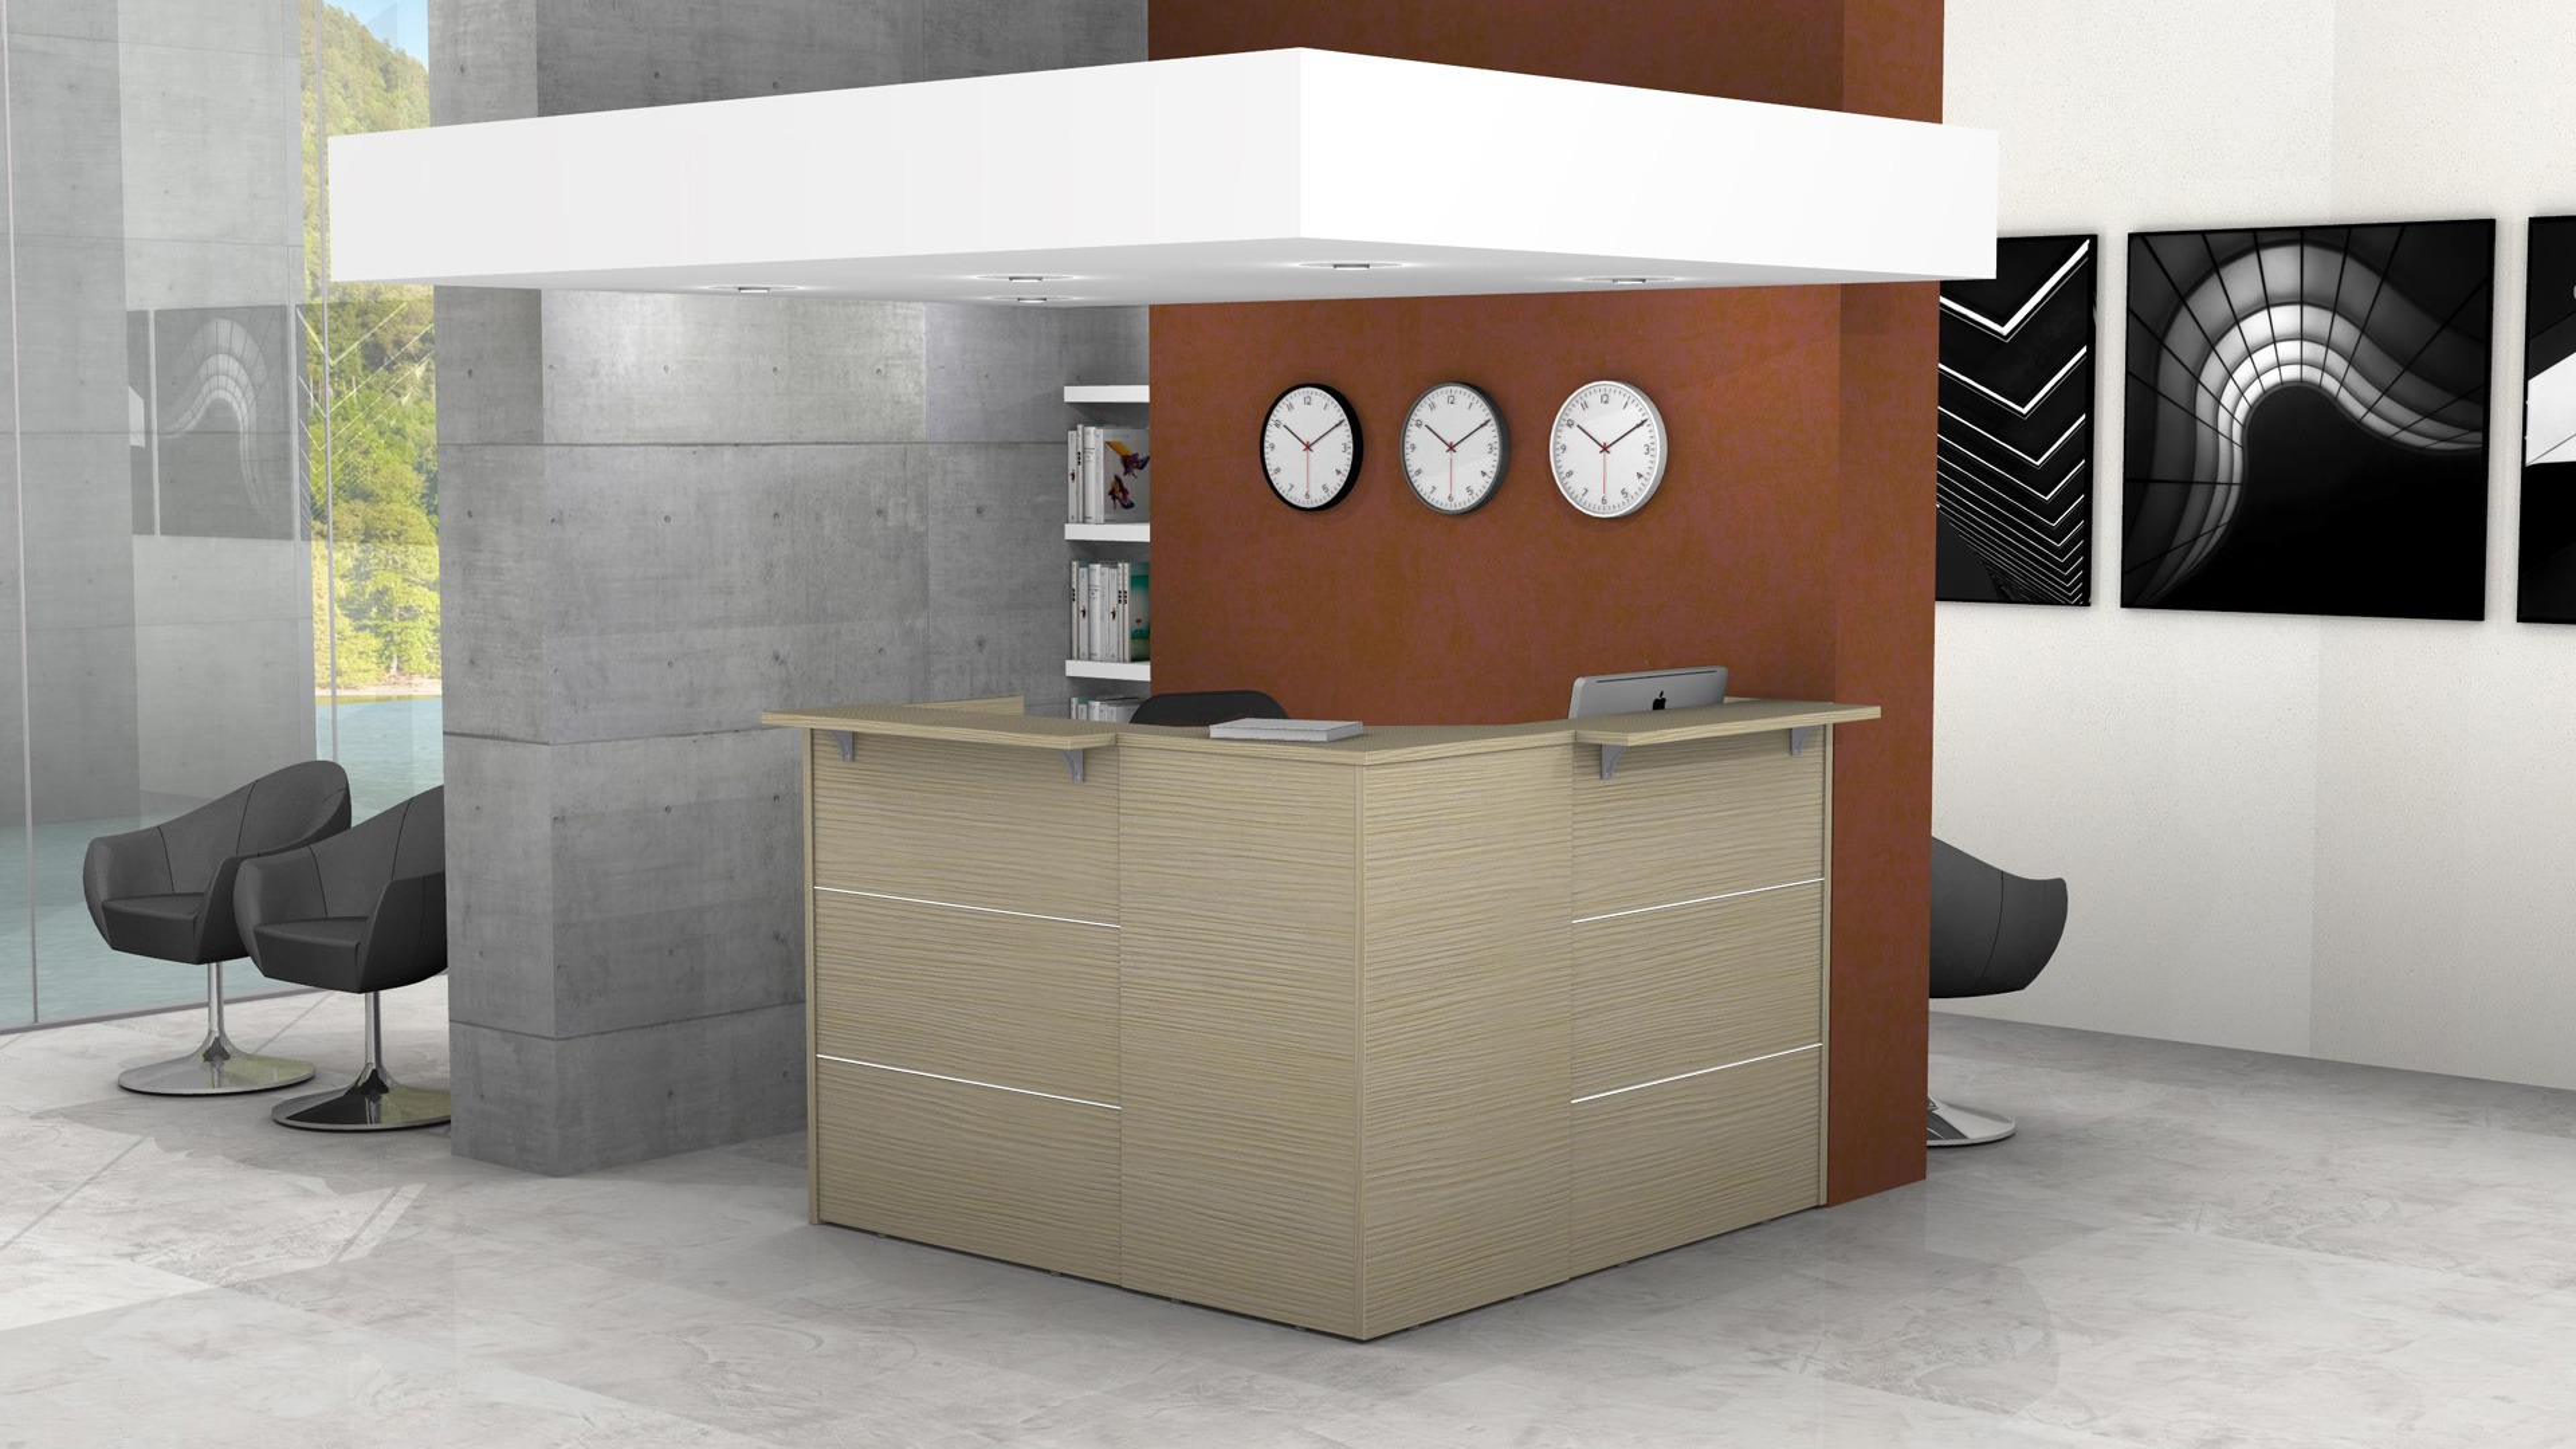 Reception angolare con top mensola legno o vetro L.168, 5